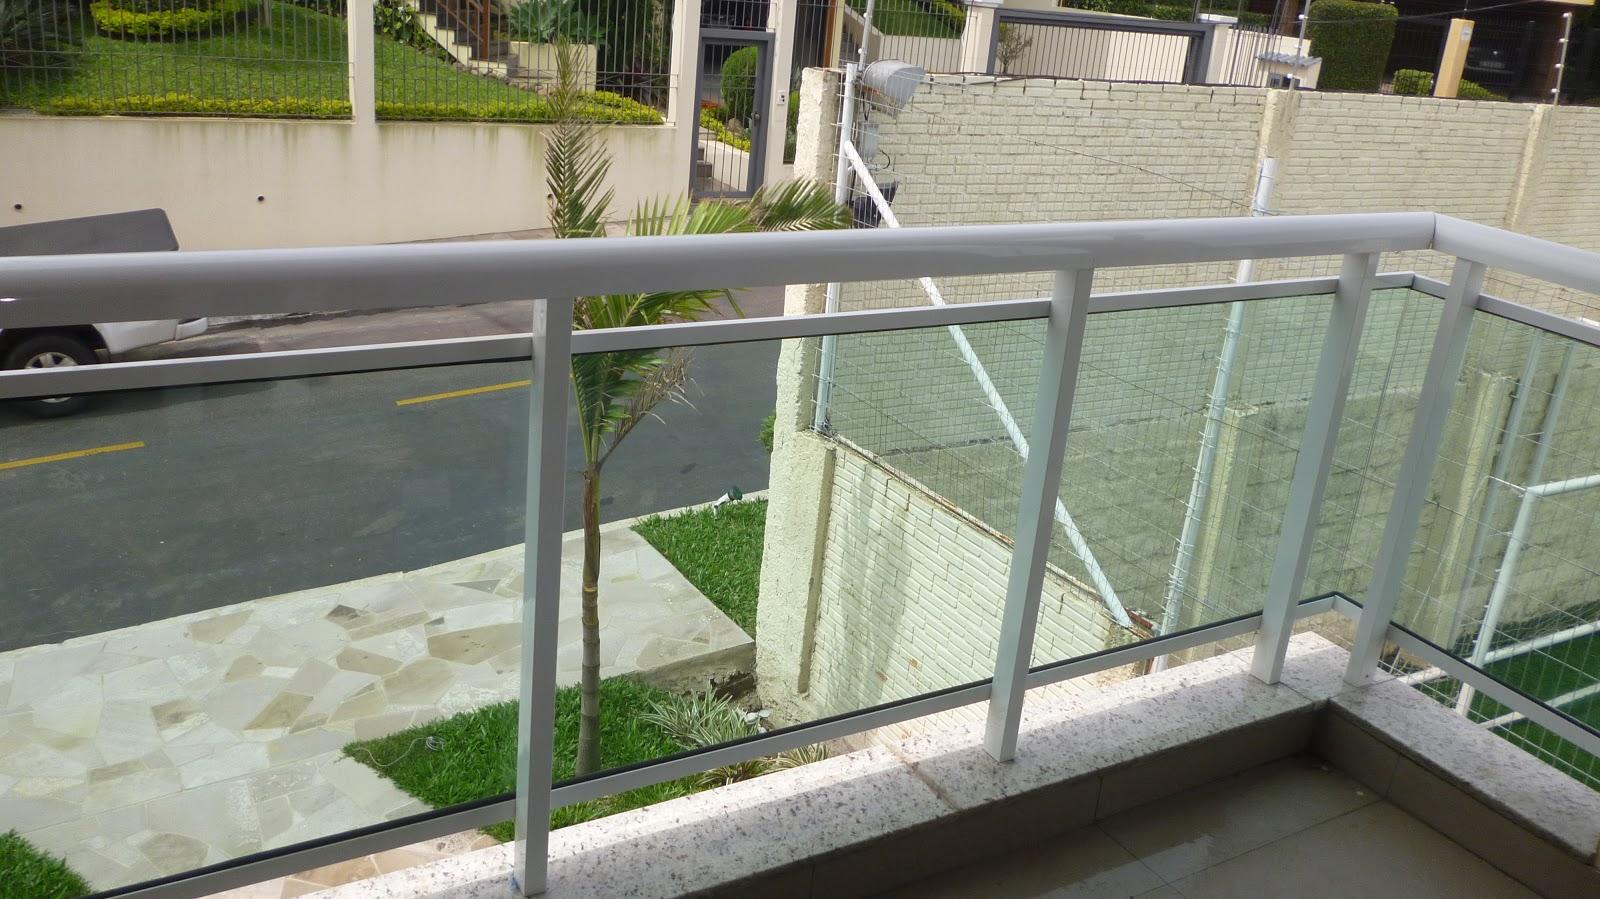 #486030 ABIC Vidraçaria Soluções em vidros 234 Janelas De Vidro Para Sacadas